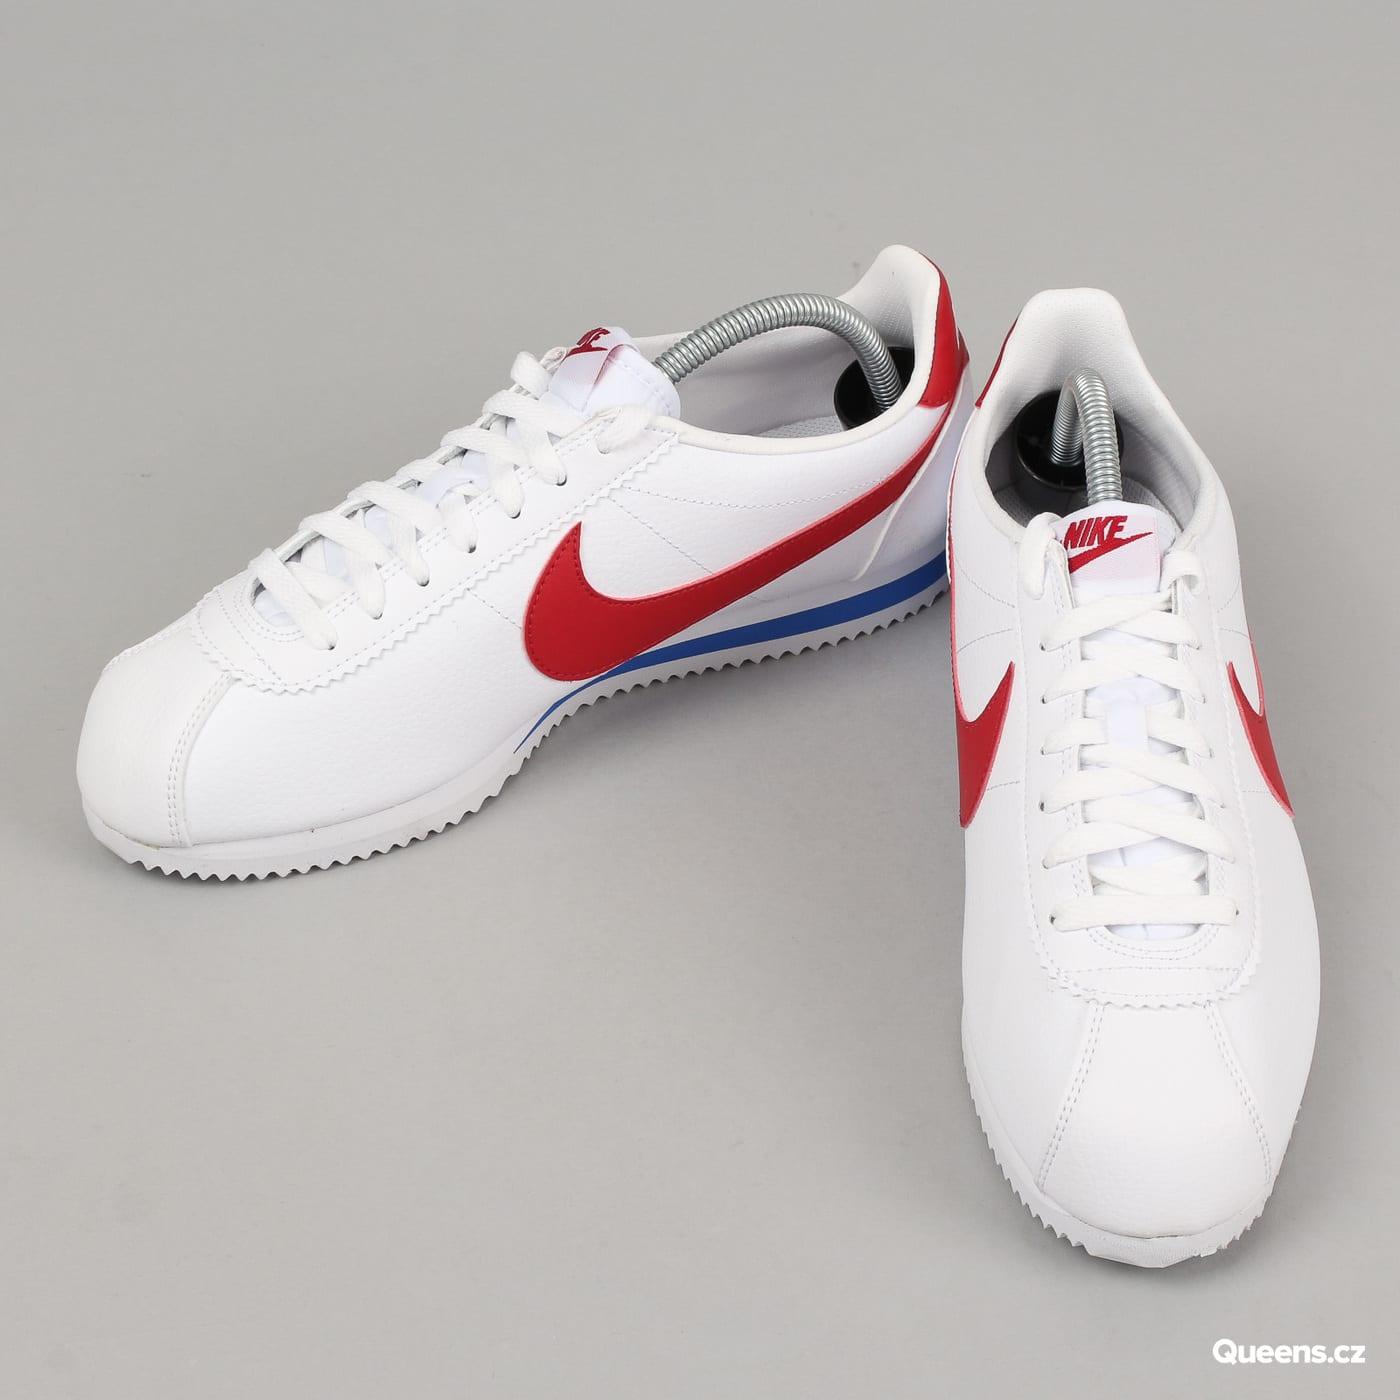 Nike Classic Cortez Leather white / varsity red - vrsty ryl